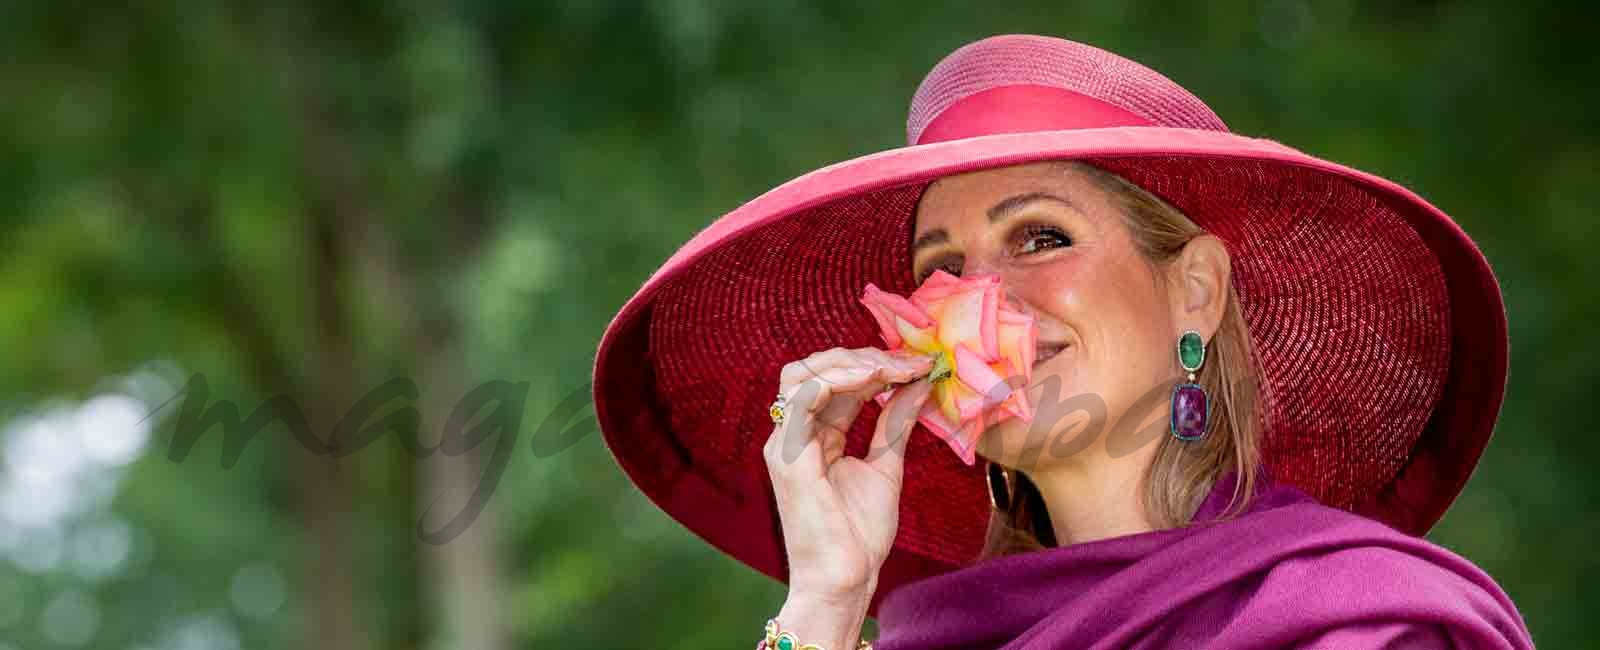 Máxima de Holanda, reina entre rosas